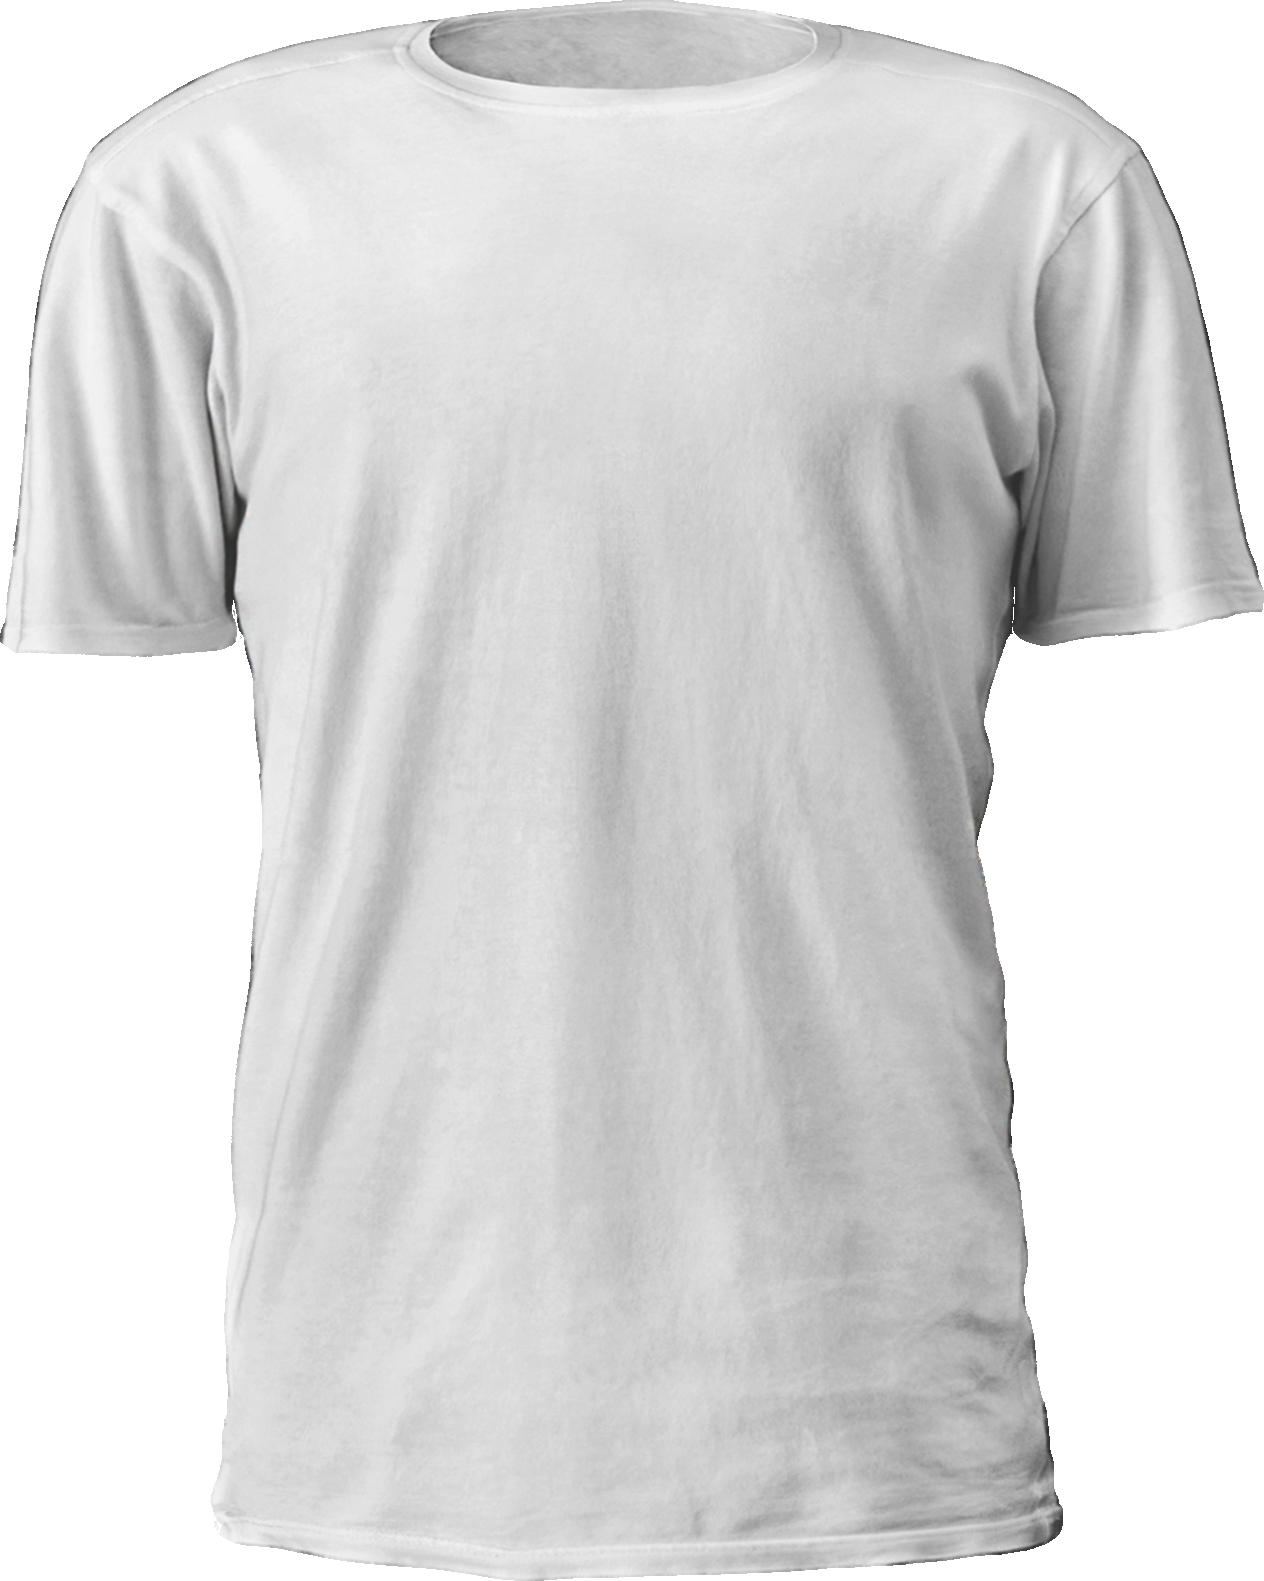 Animalu0026Nature, Henu0026Stag Night - Tshirt PNG